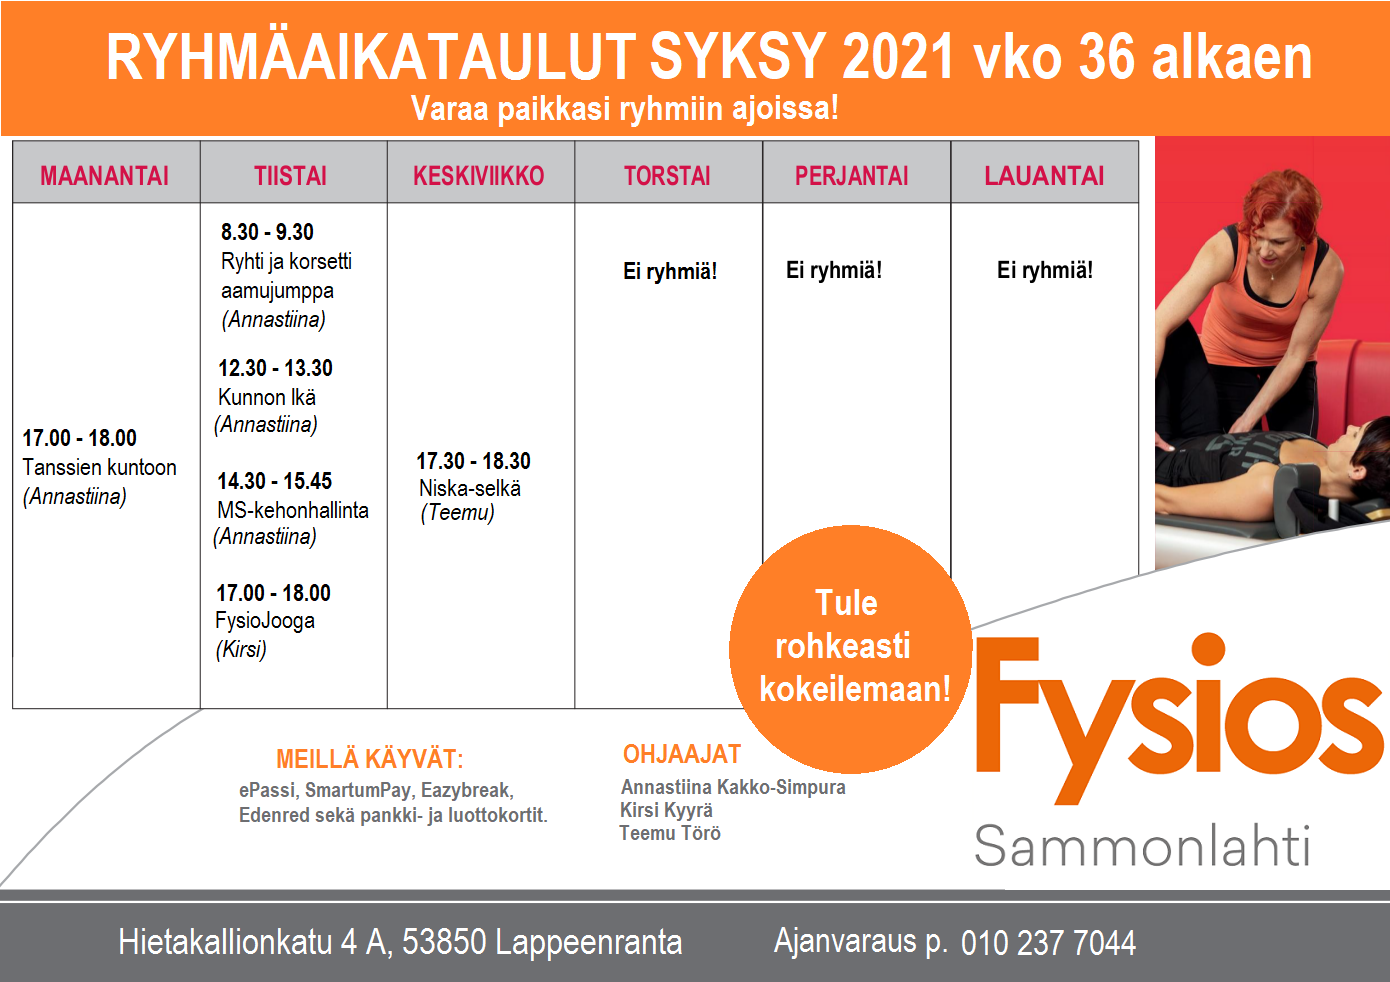 Fysios Lappeenranta Sammonlahti ryhmäaikataulu syksy 2021